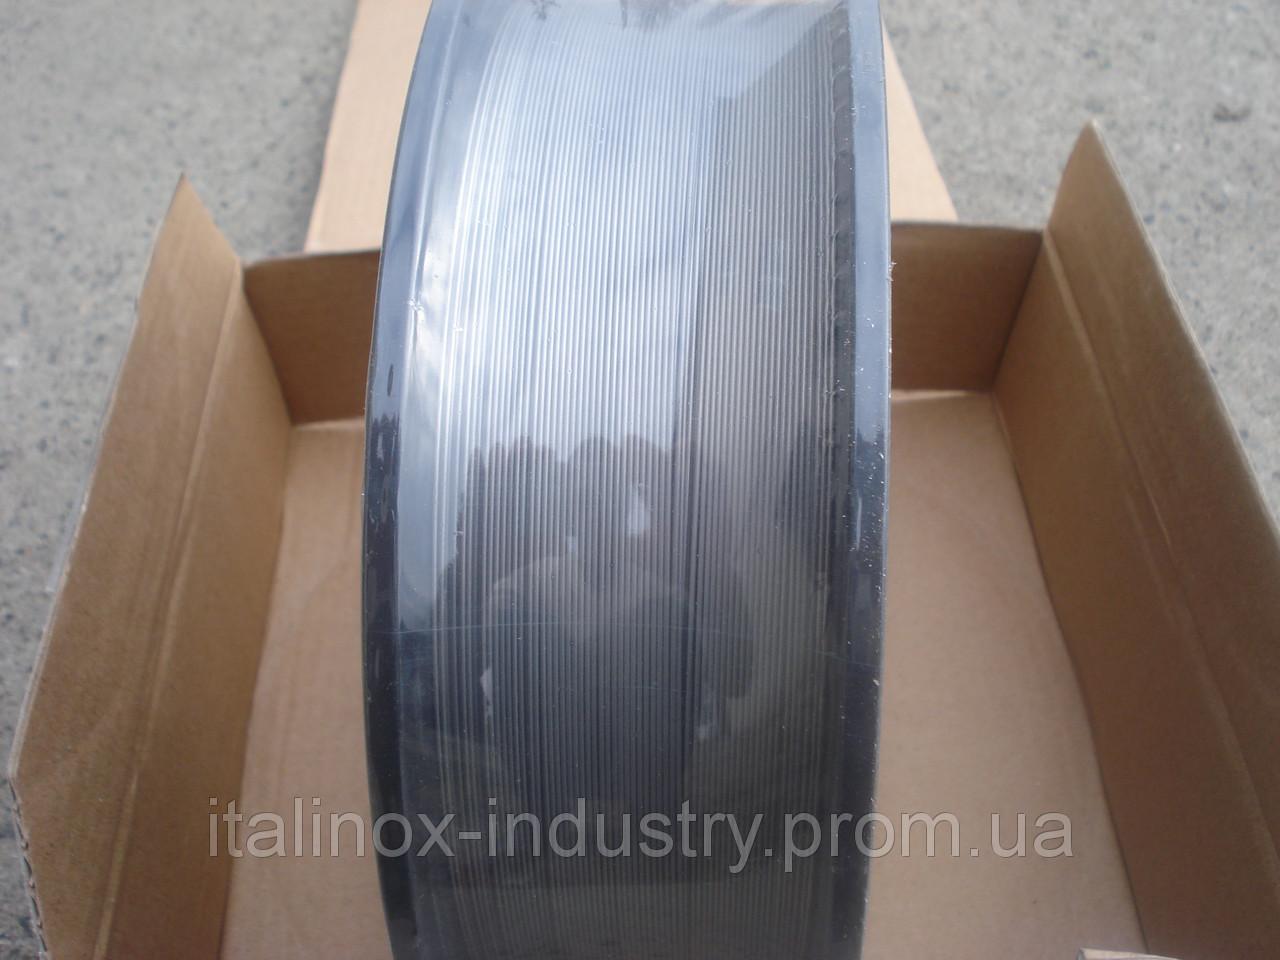 Нержавеющая проволока на катушках 0,45 мм